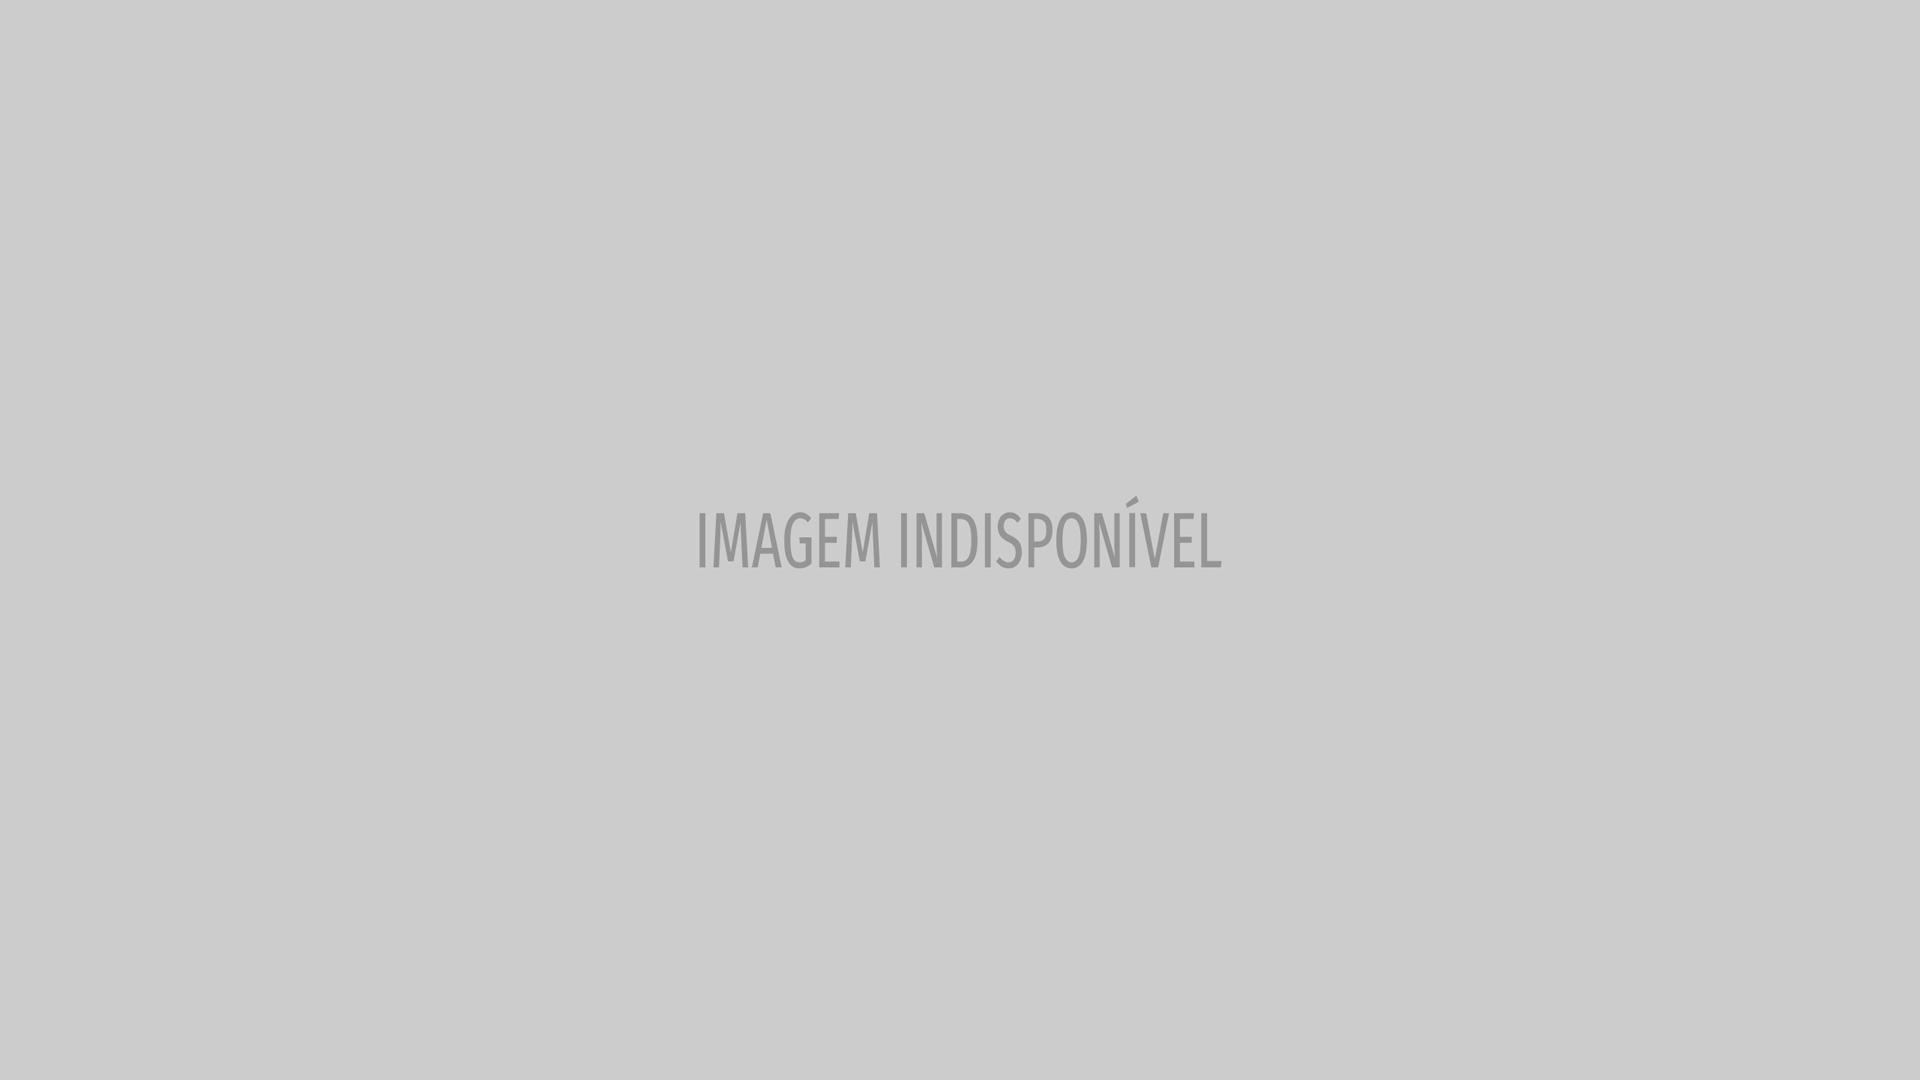 Piloto de 14 anos morreu após grave acidente durante uma prova de Moto3